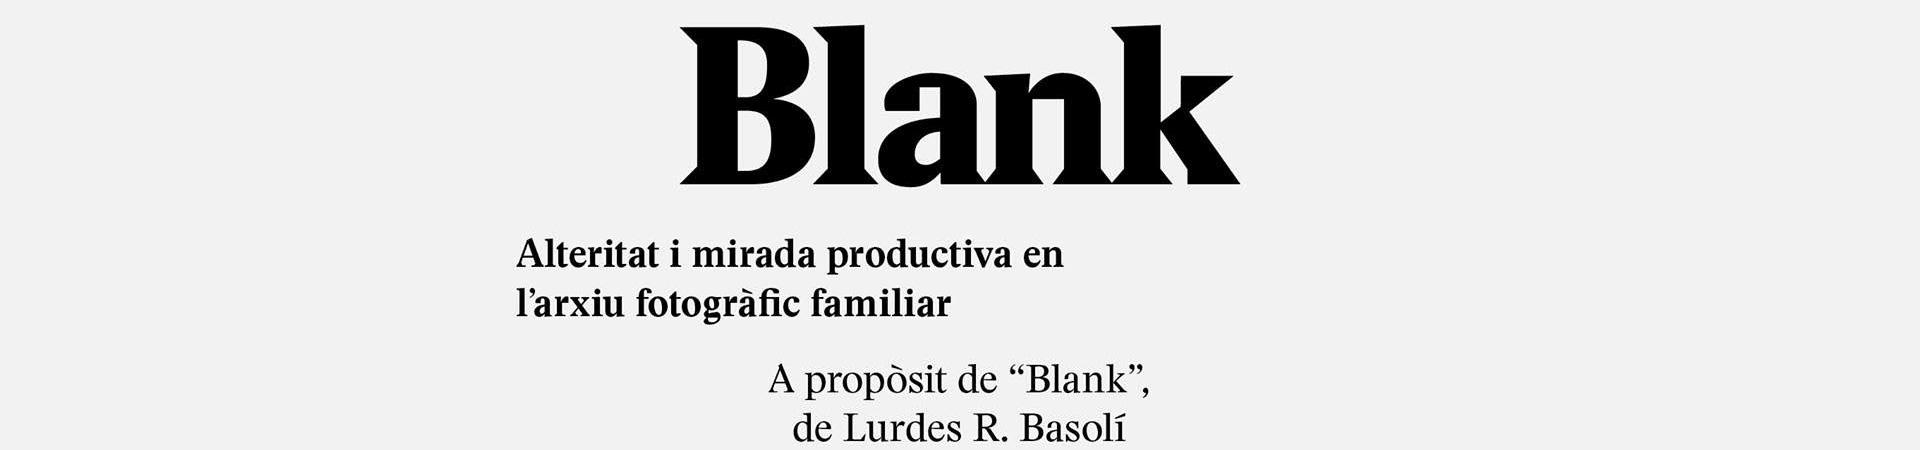 Blank, Alteritat i mirada productiva en l